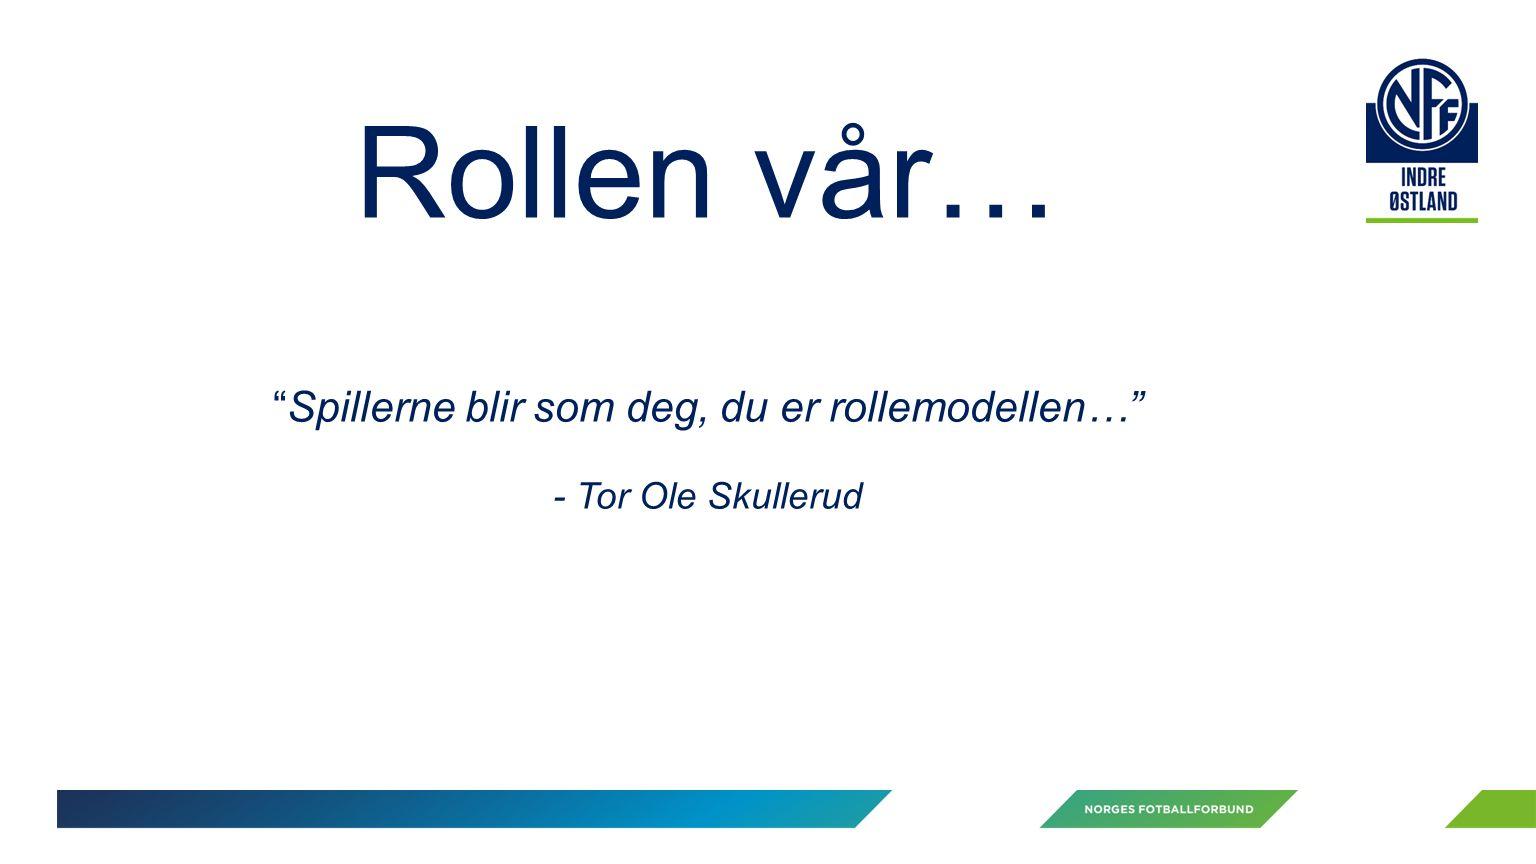 Rollen vår… Spillerne blir som deg, du er rollemodellen… - Tor Ole Skullerud